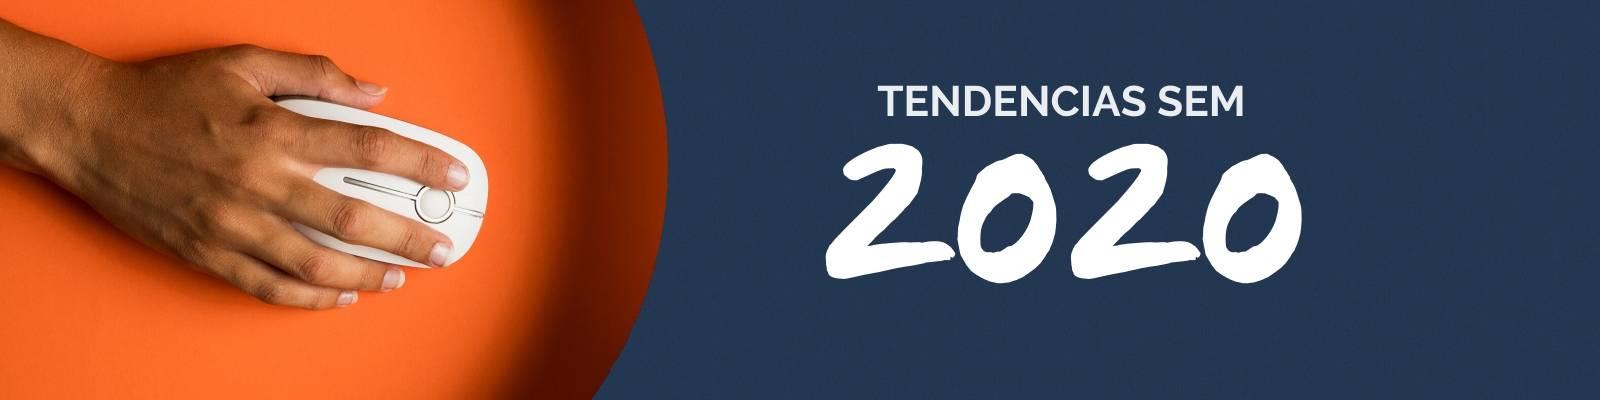 Tendencias SEM que no debes perder de vista este 2020